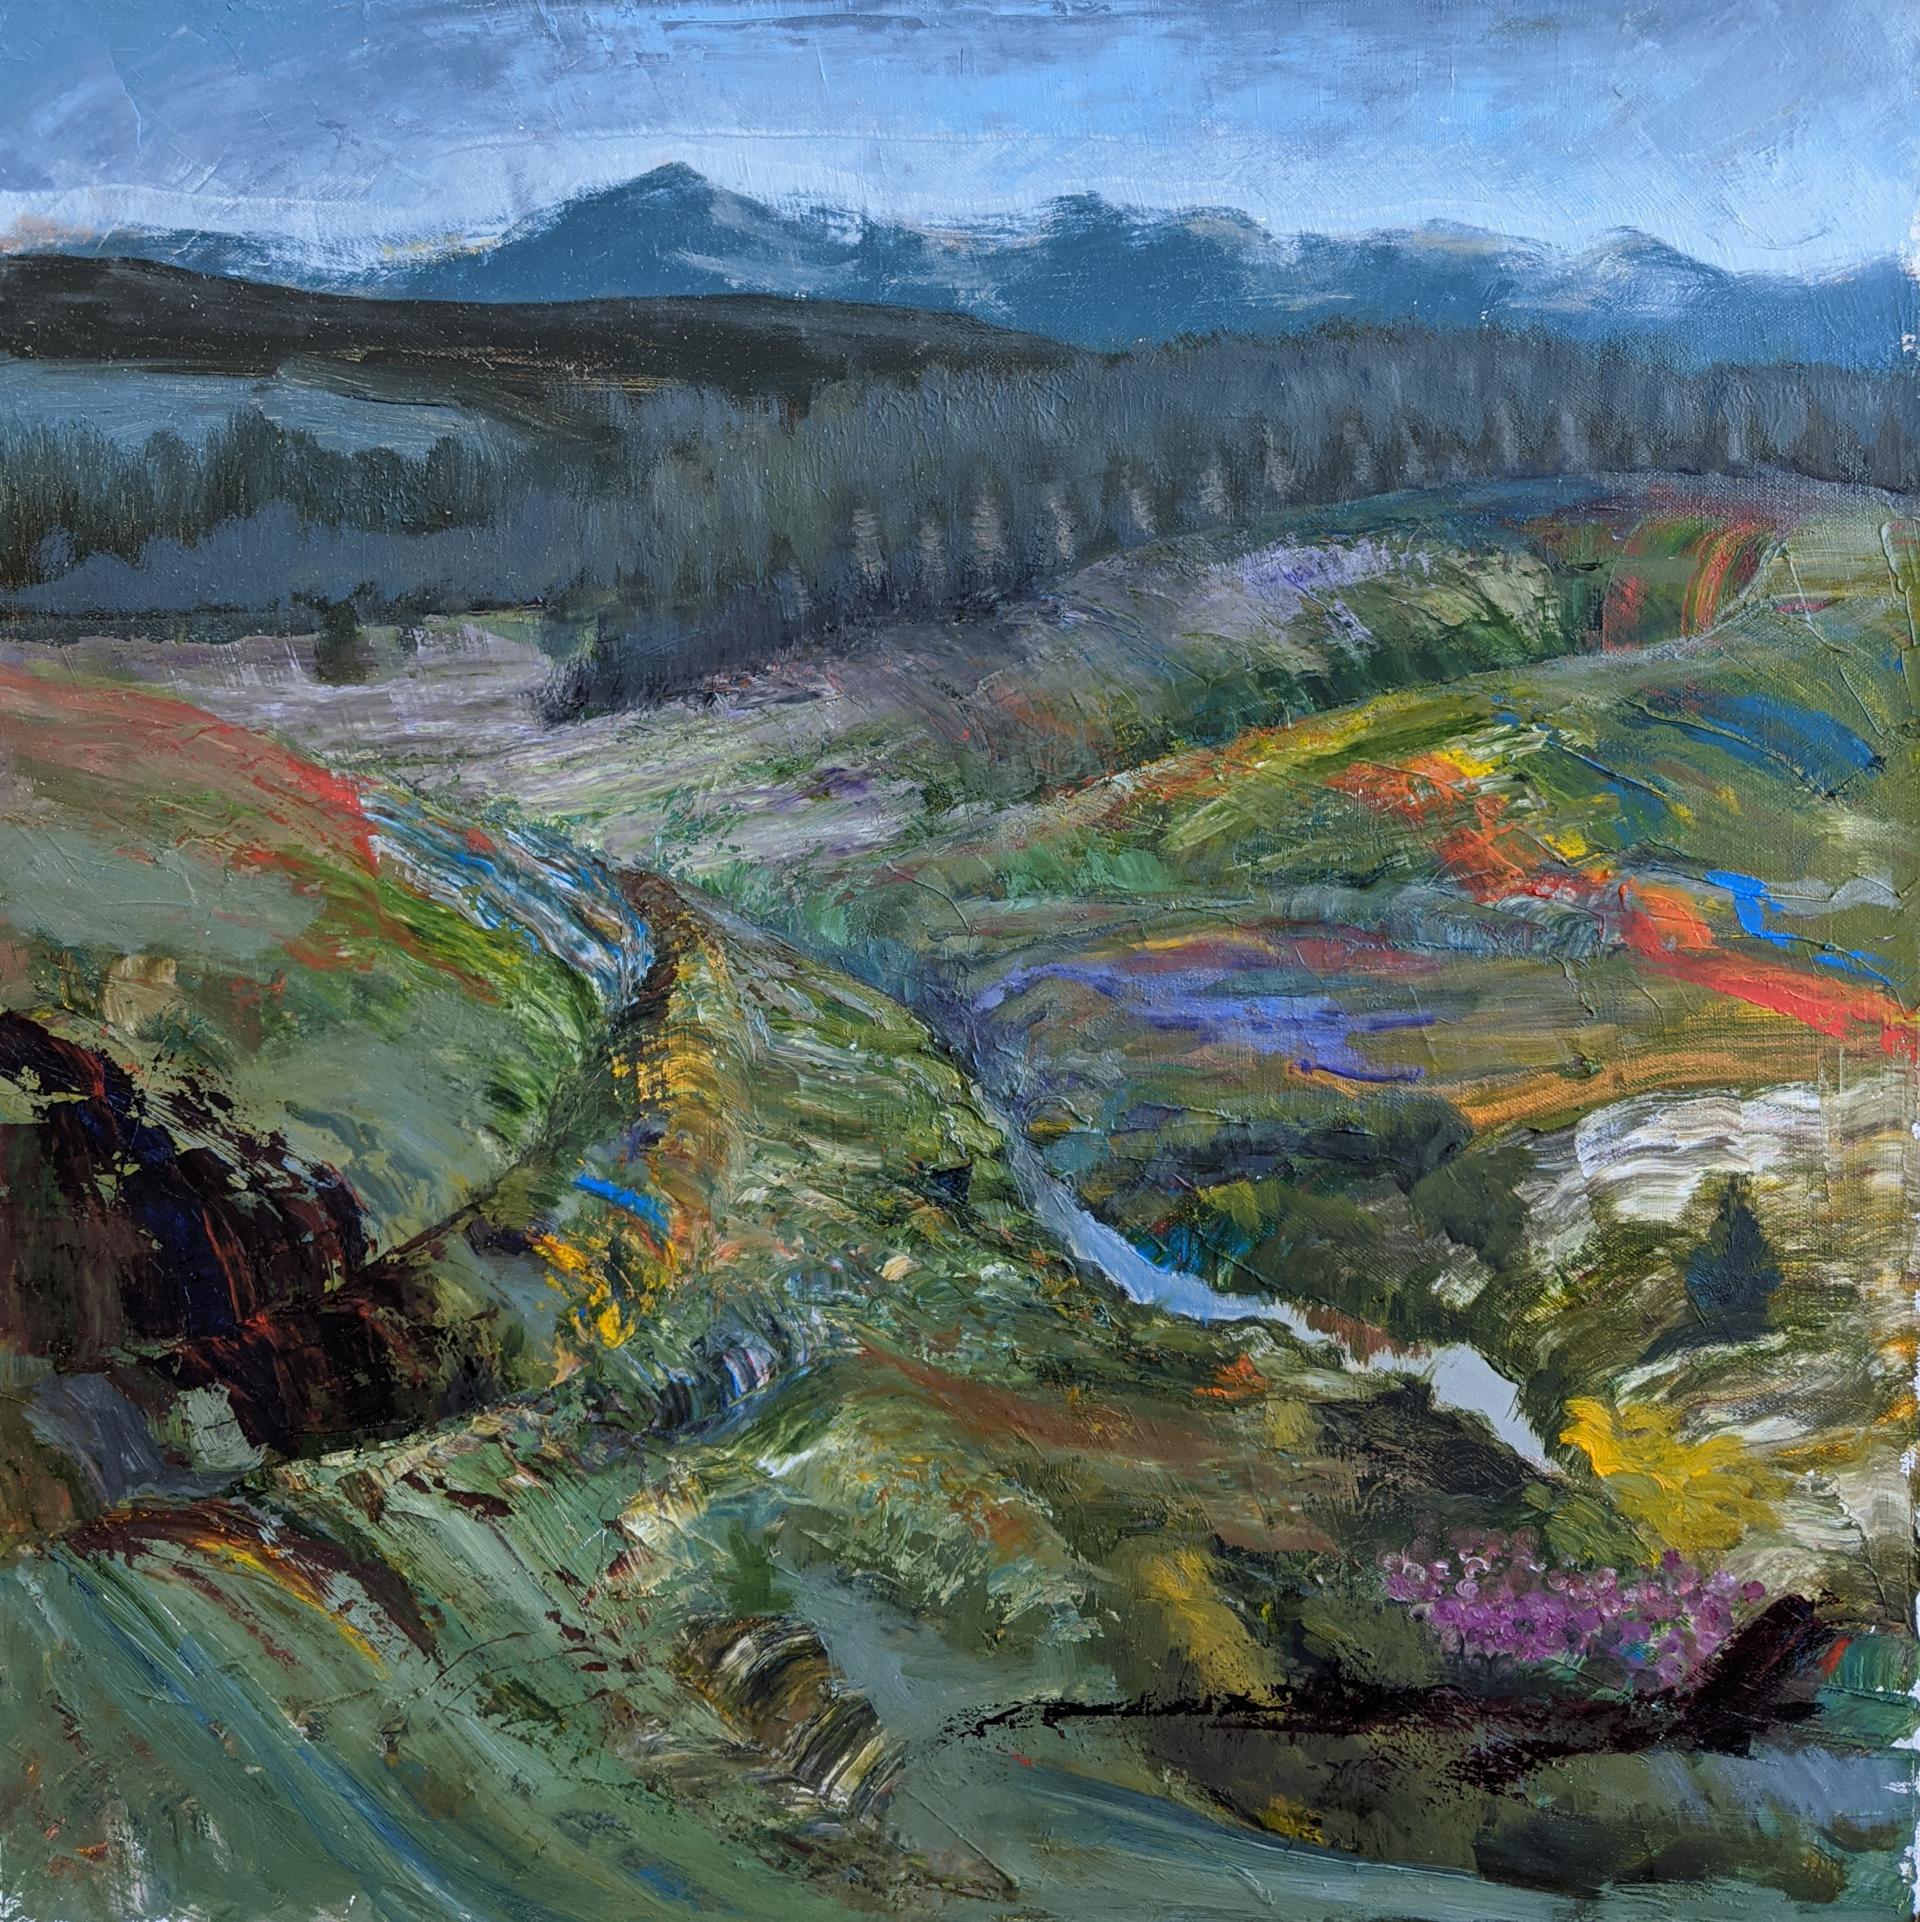 Rainbow Valley by Caitlin Hurd